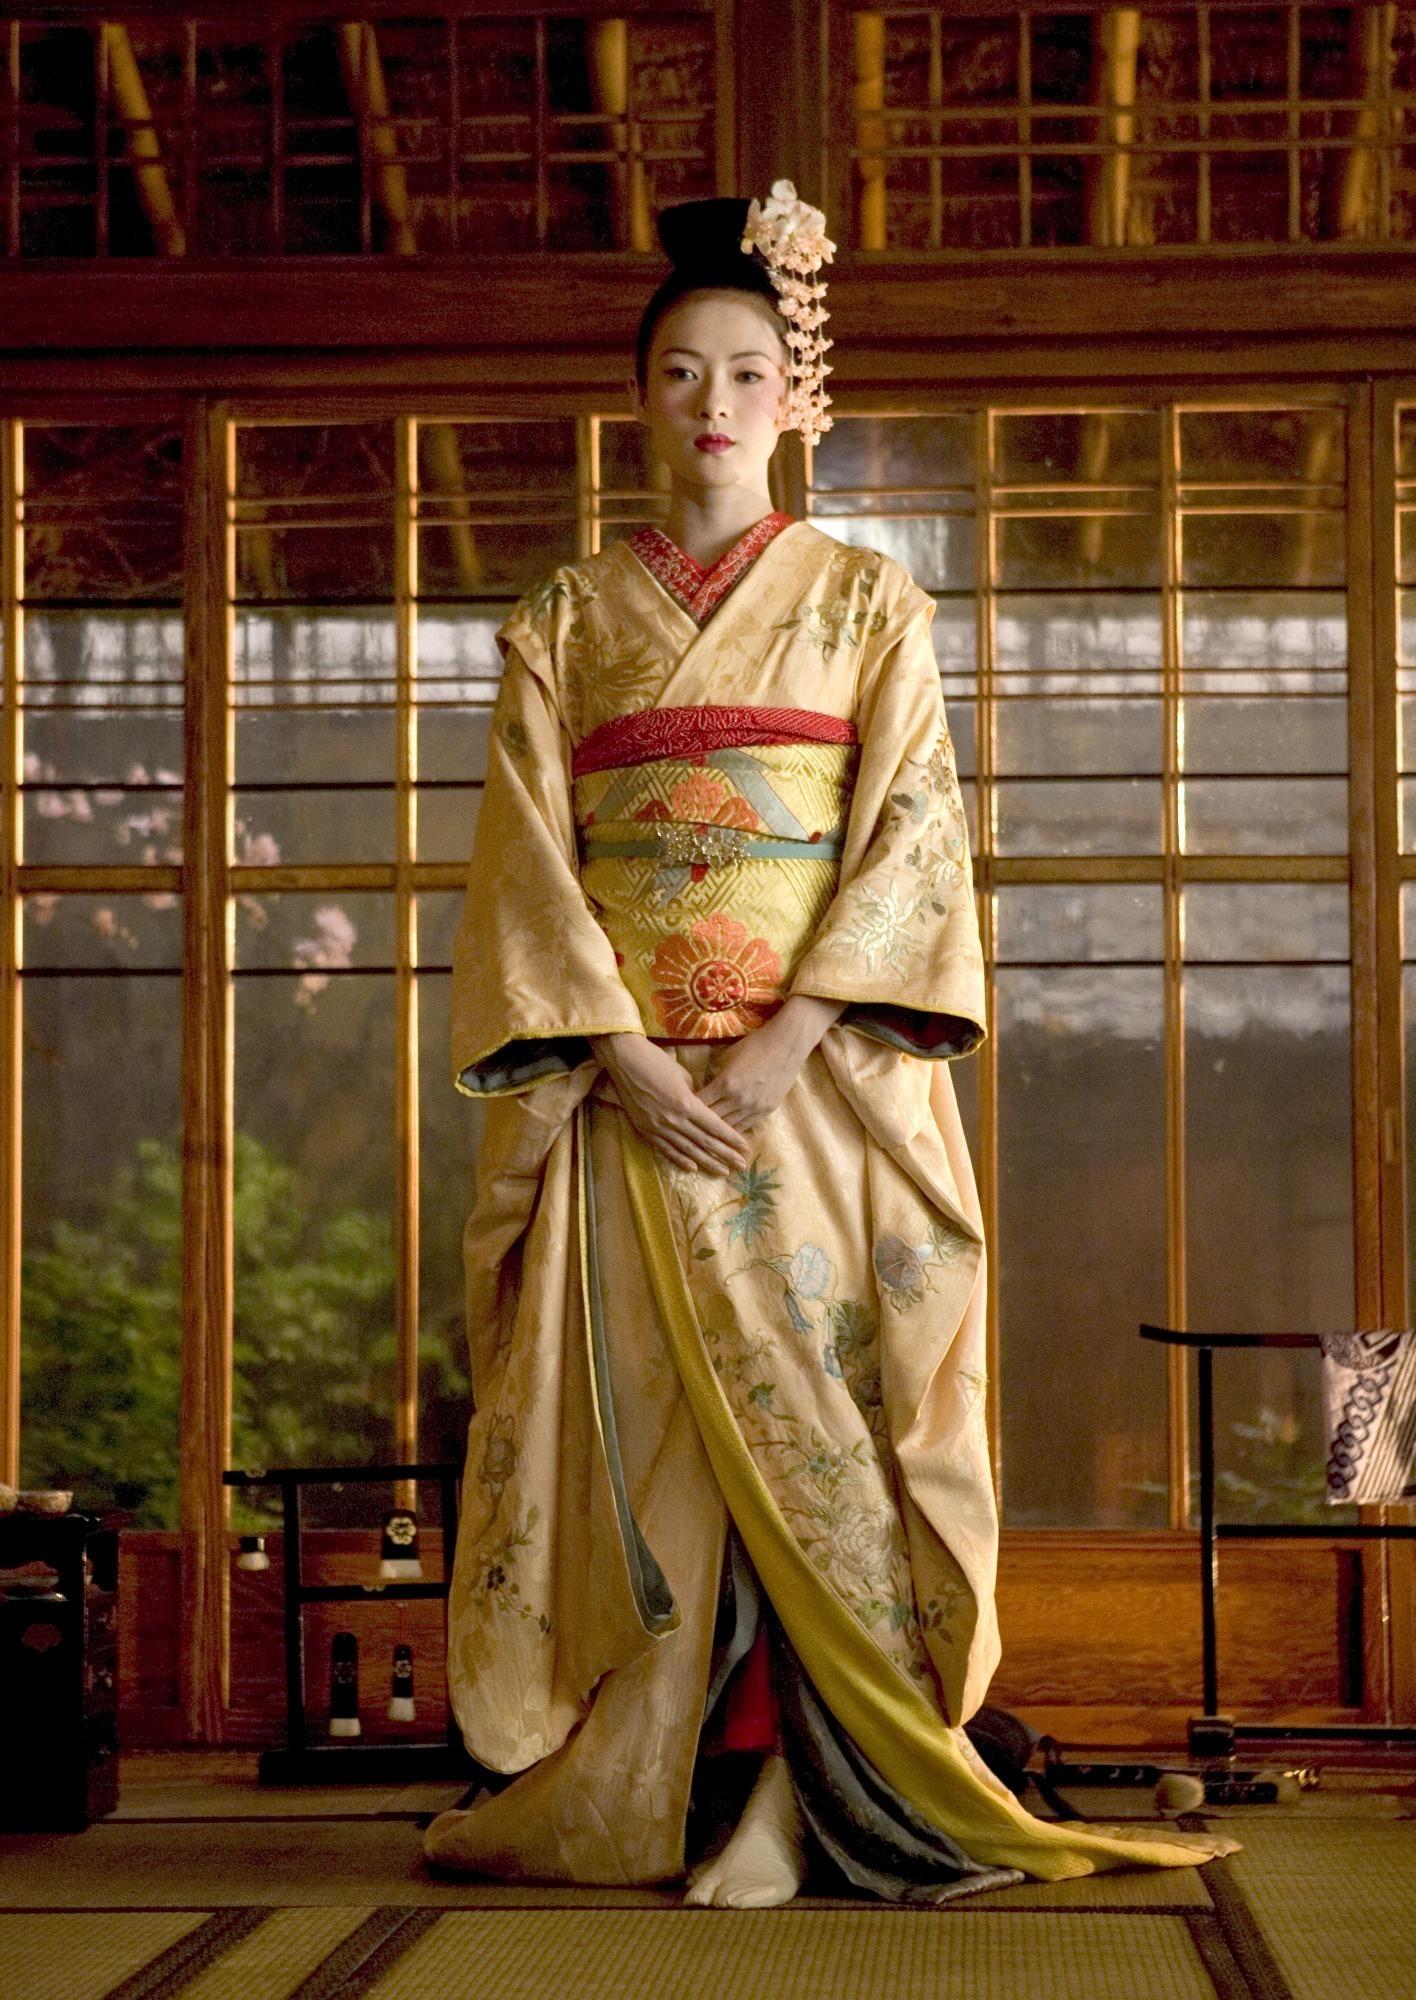 Memoirs-of-a-Geisha-memoirs-of-a-geisha-7216772-1416-2000.jpg